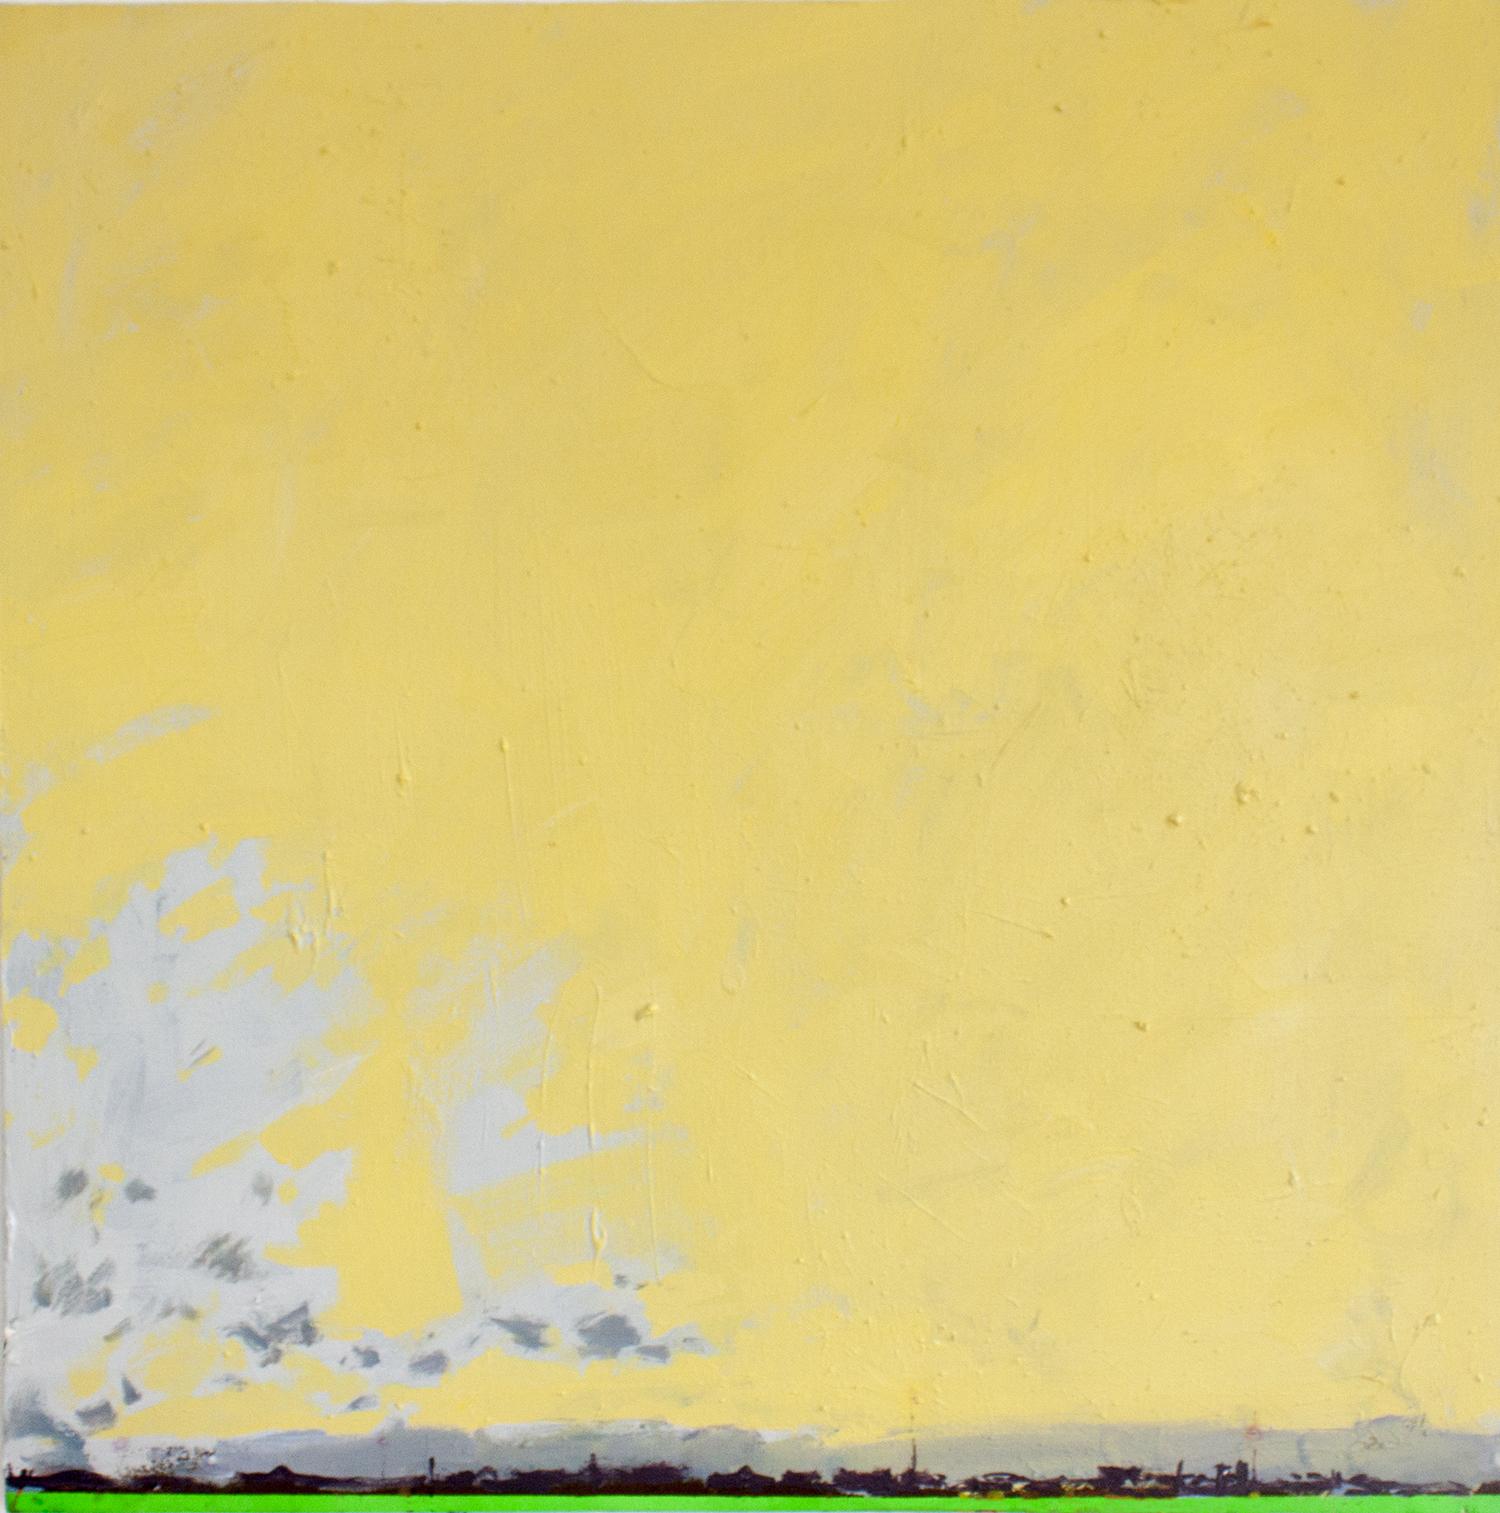 Paisaje, acrílico sobre canvas, 2012